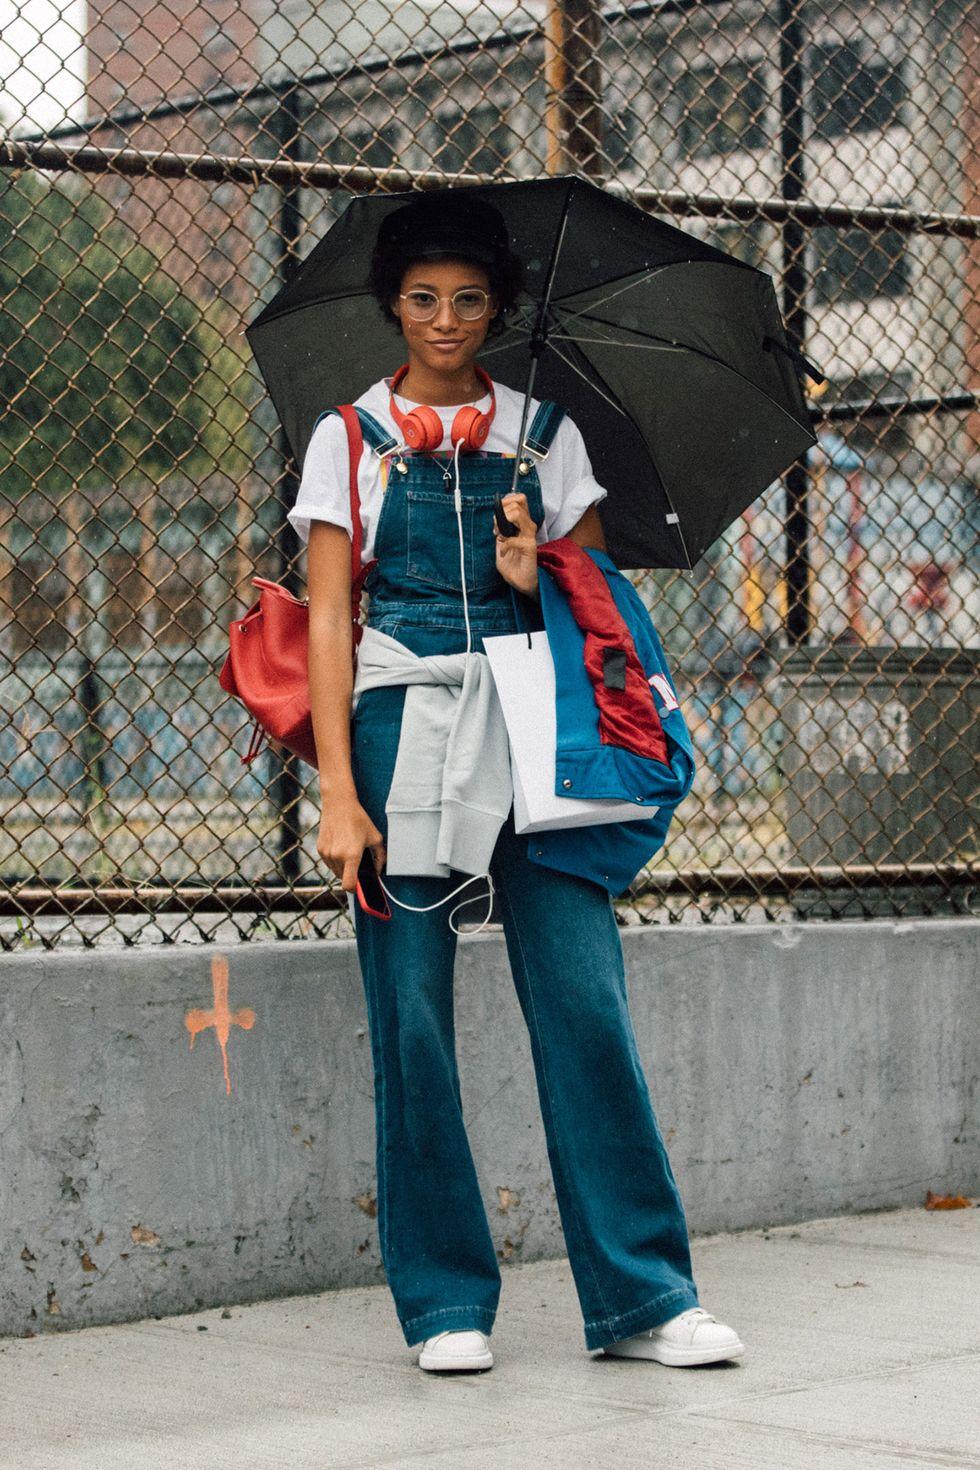 Vào những ngày bạn không muốn cân nhắc quá kỹ trang phục của mình, hãy xỏ một chiếc áo phông bên dưới quần yếm và gọi đó là một ngày. Đây có thể sẽ là lựa chọn của bạn khi mặc đồ một mảnh vì bộ quần áo này rất tiện lợi và linh hoạt.hiếc quần yếm jean sẽ rất hợp mốt khi diện áp thun ngắn tay cùng đôi giày thể thao.